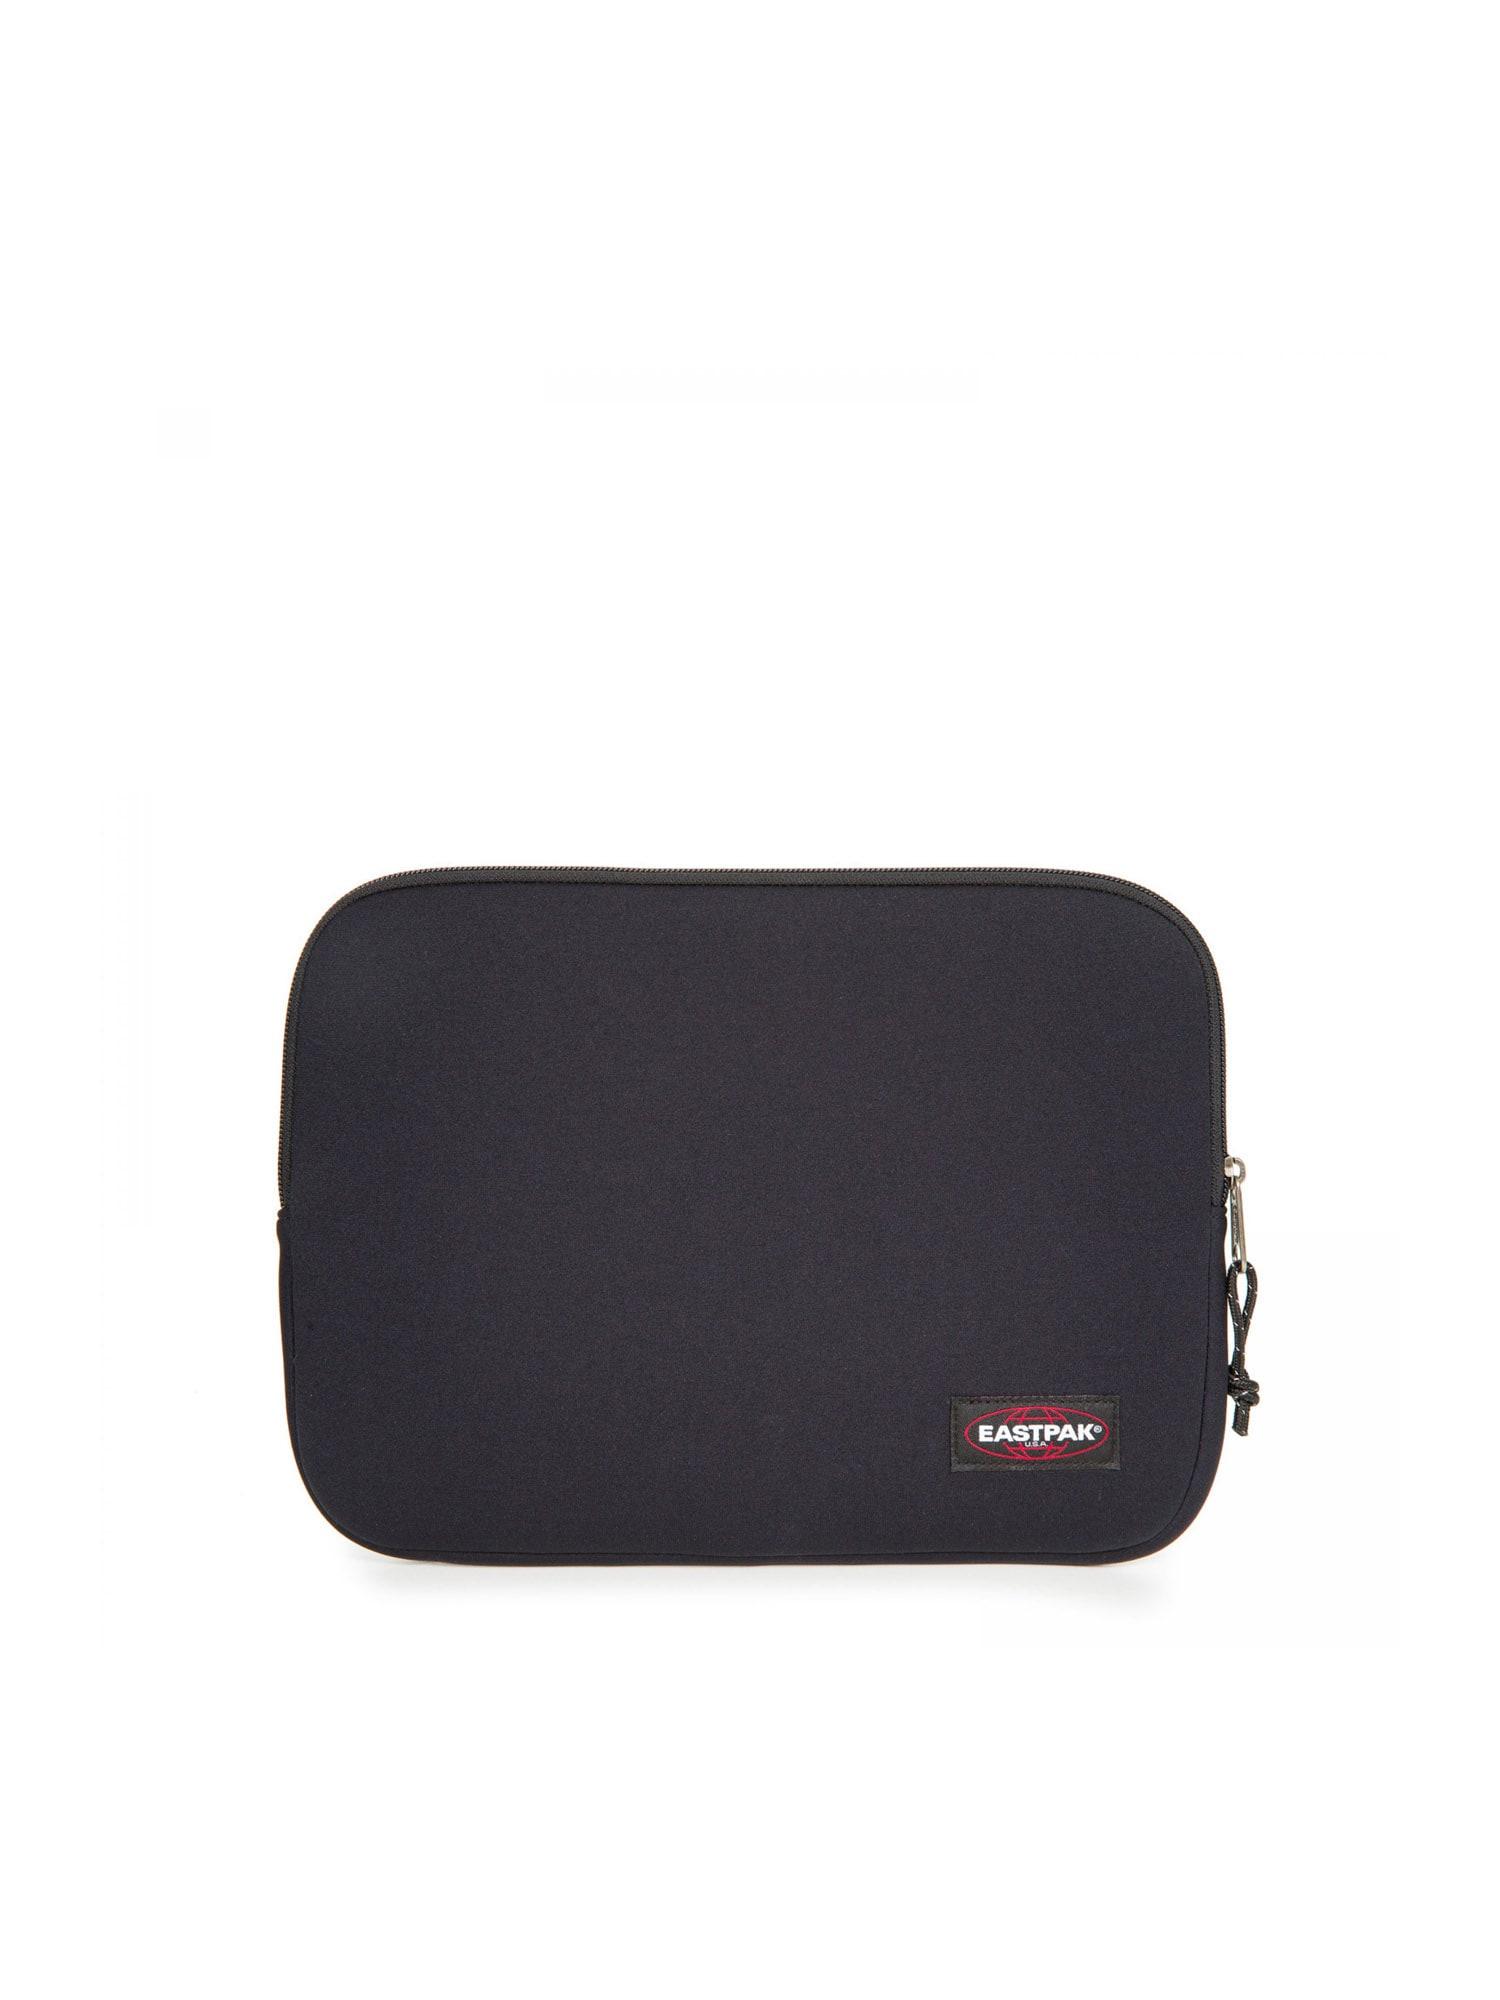 EASTPAK Nešiojamo kompiuterio krepšys 'BLANKET' juoda / balta / raudona